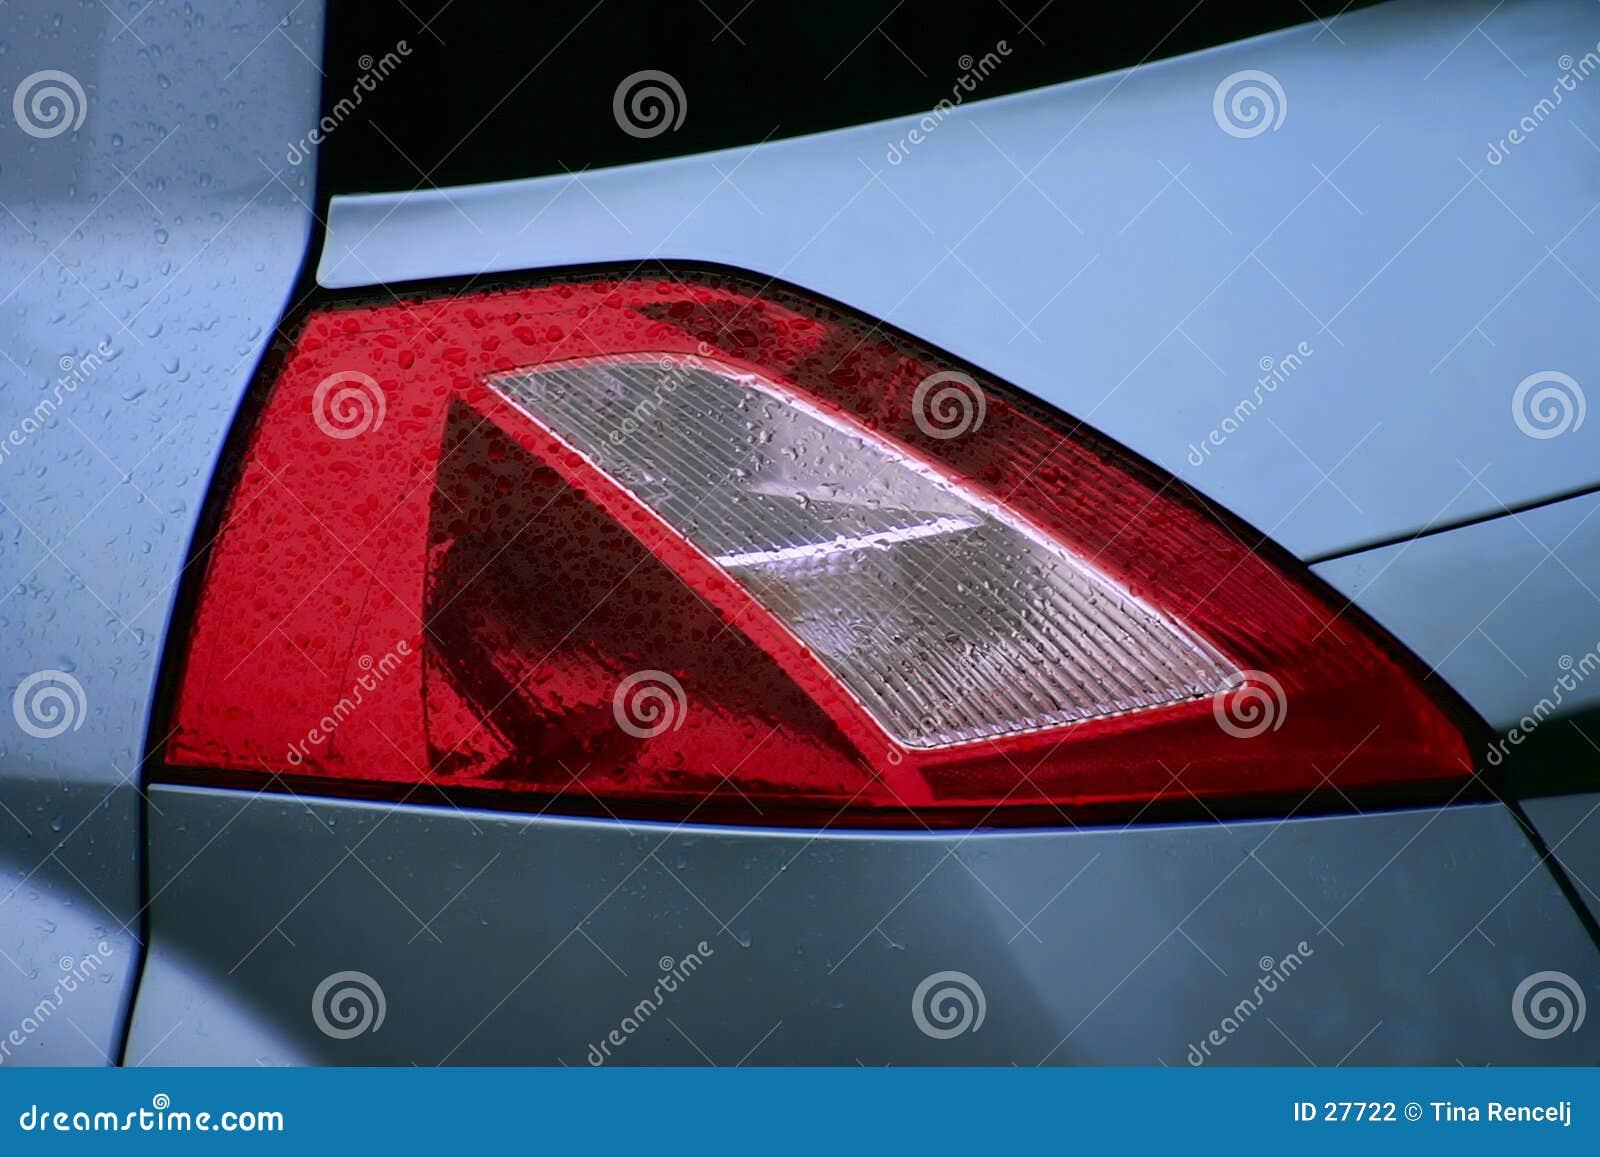 światła tyłu ii Renault megane